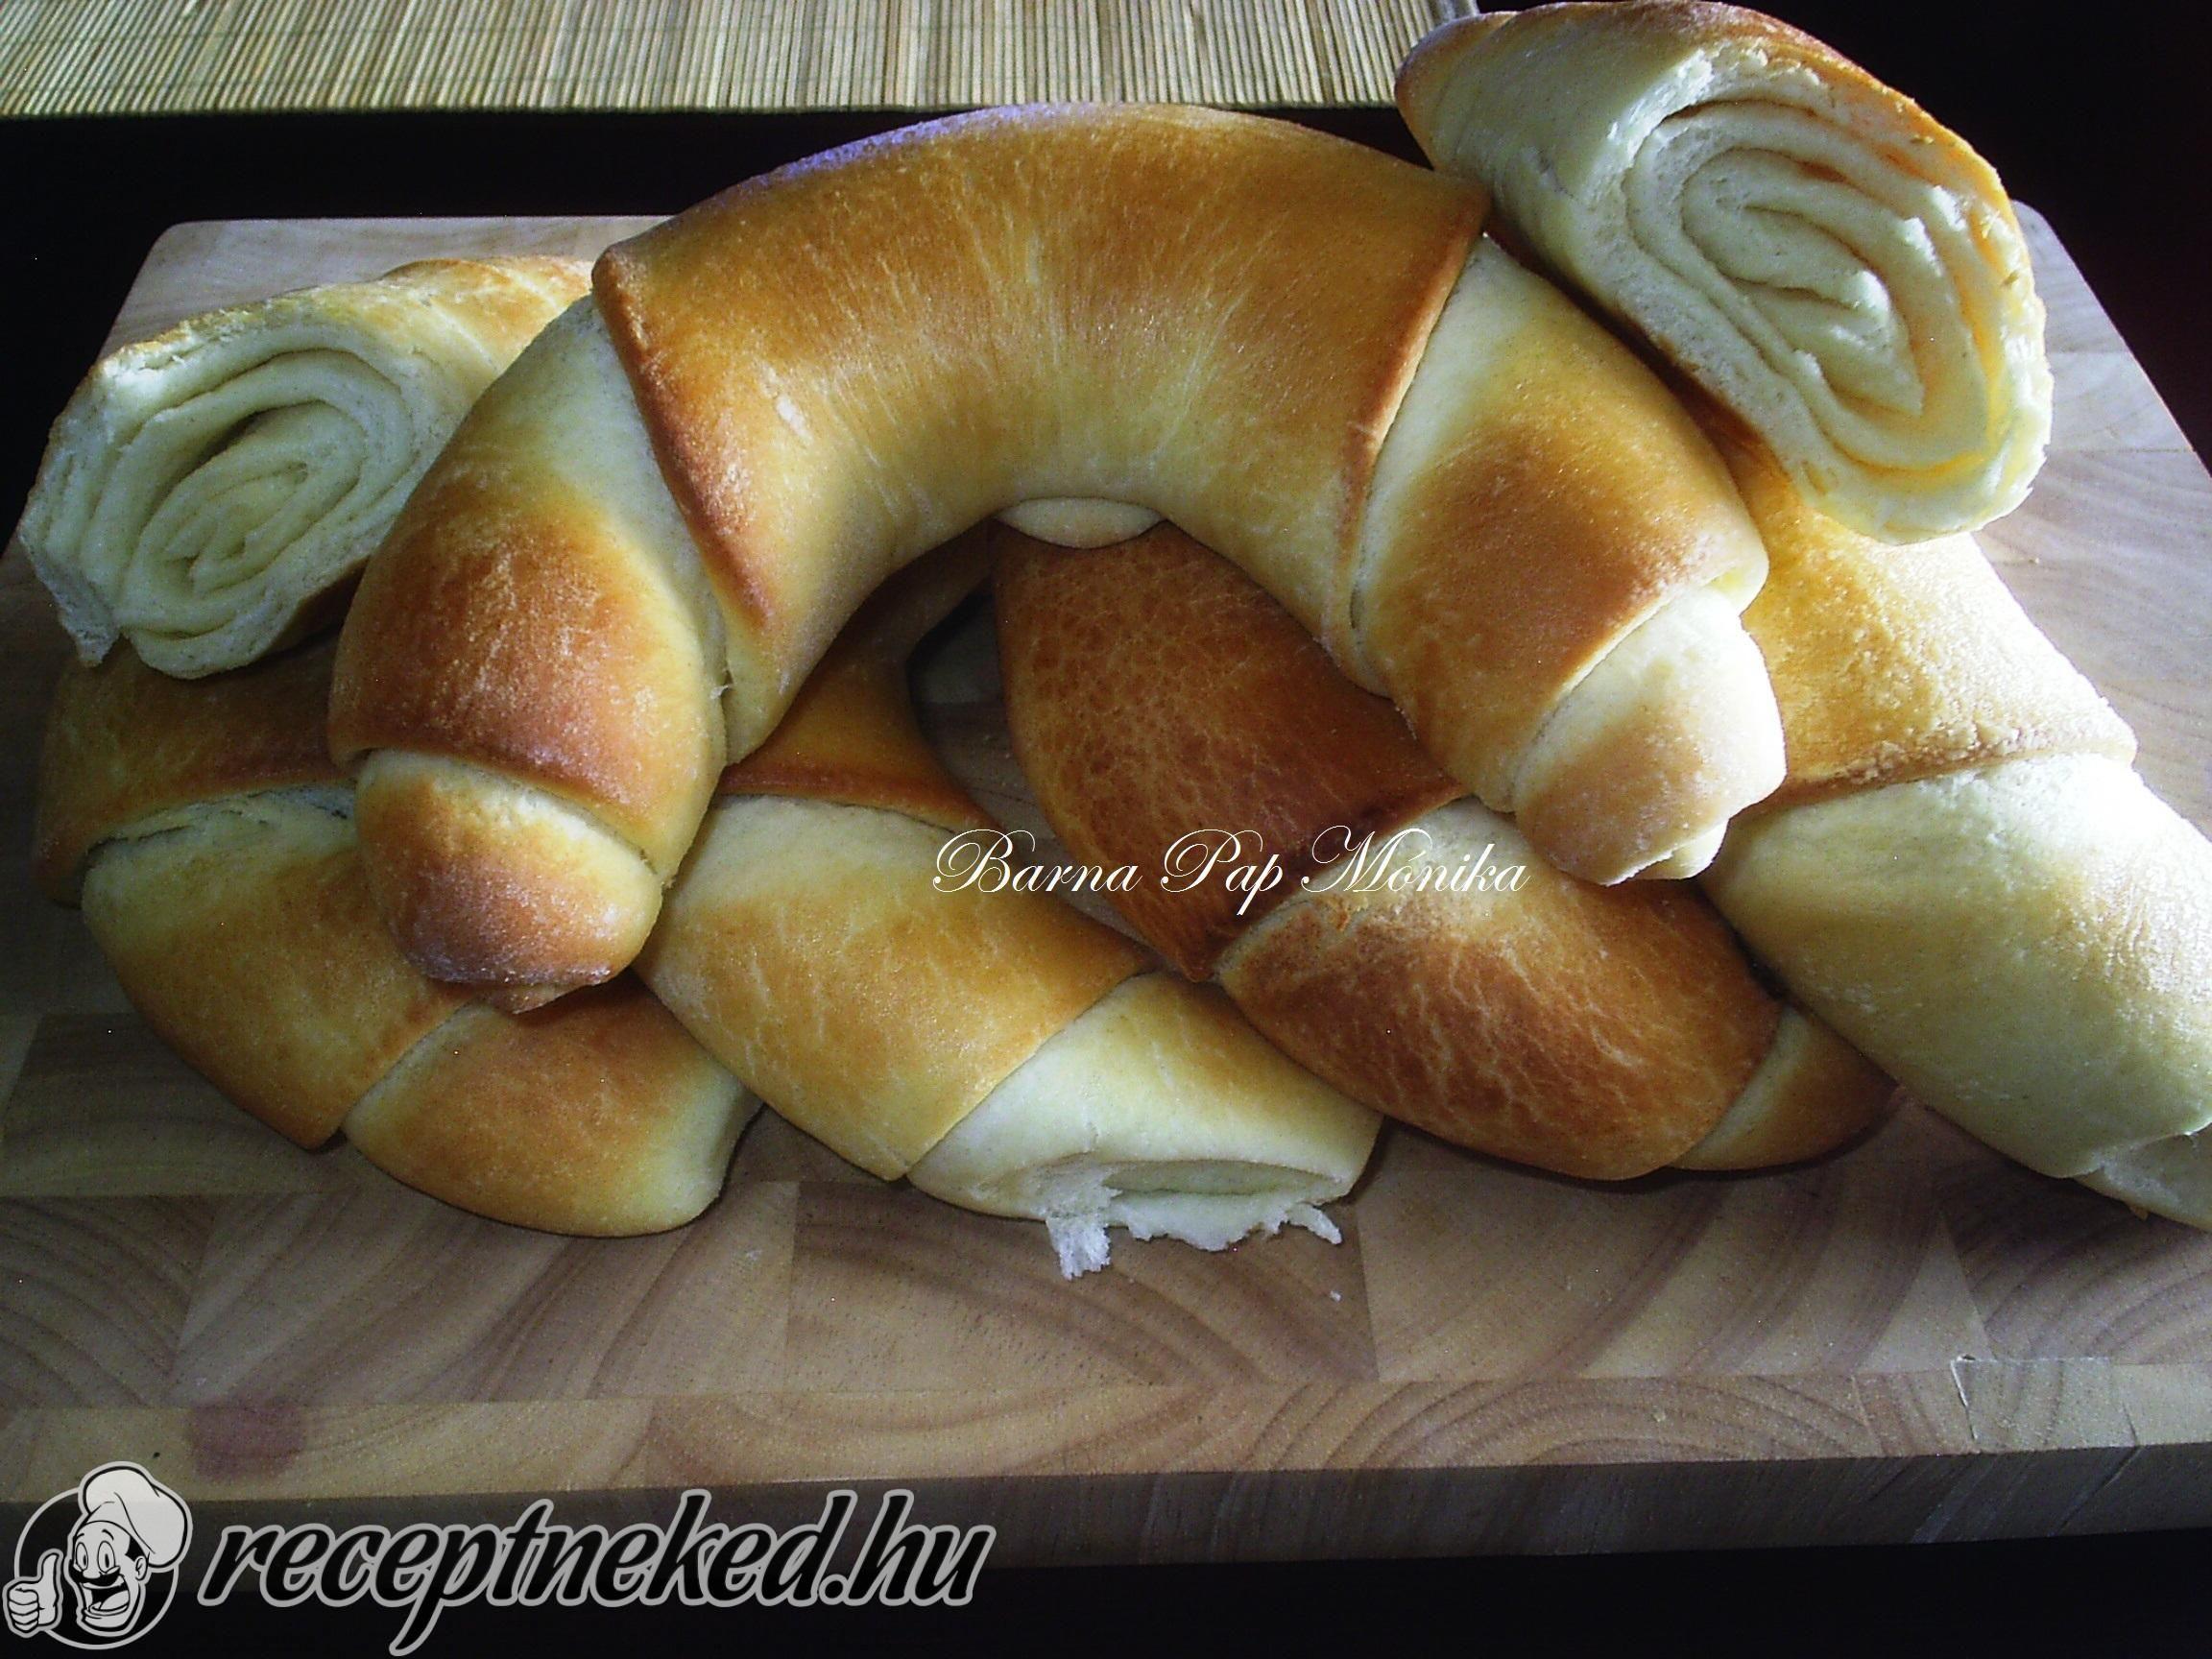 A legjobb Vajas kifli recept fotóval egyenesen a Receptneked.hu gyűjteményéből. Küldte: Barna Pap Monika